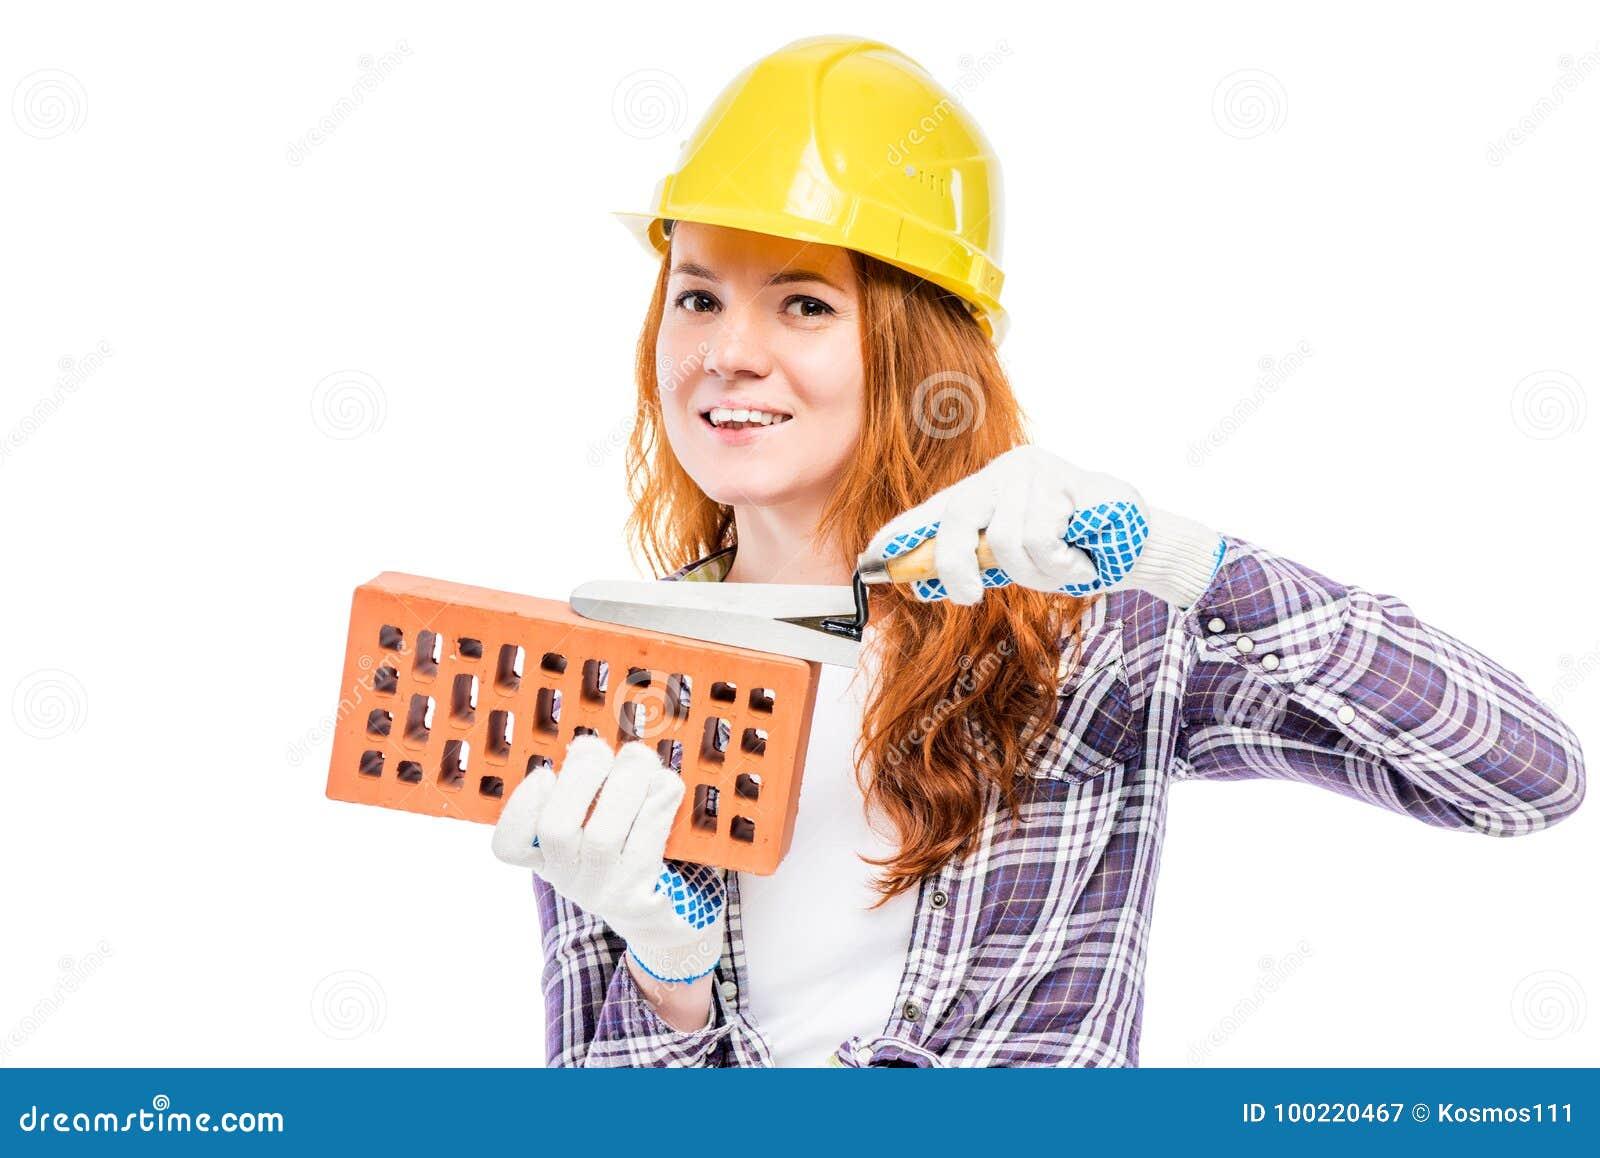 Constructeur de femme avec une brique dans un casque antichoc jaune contre un blanc